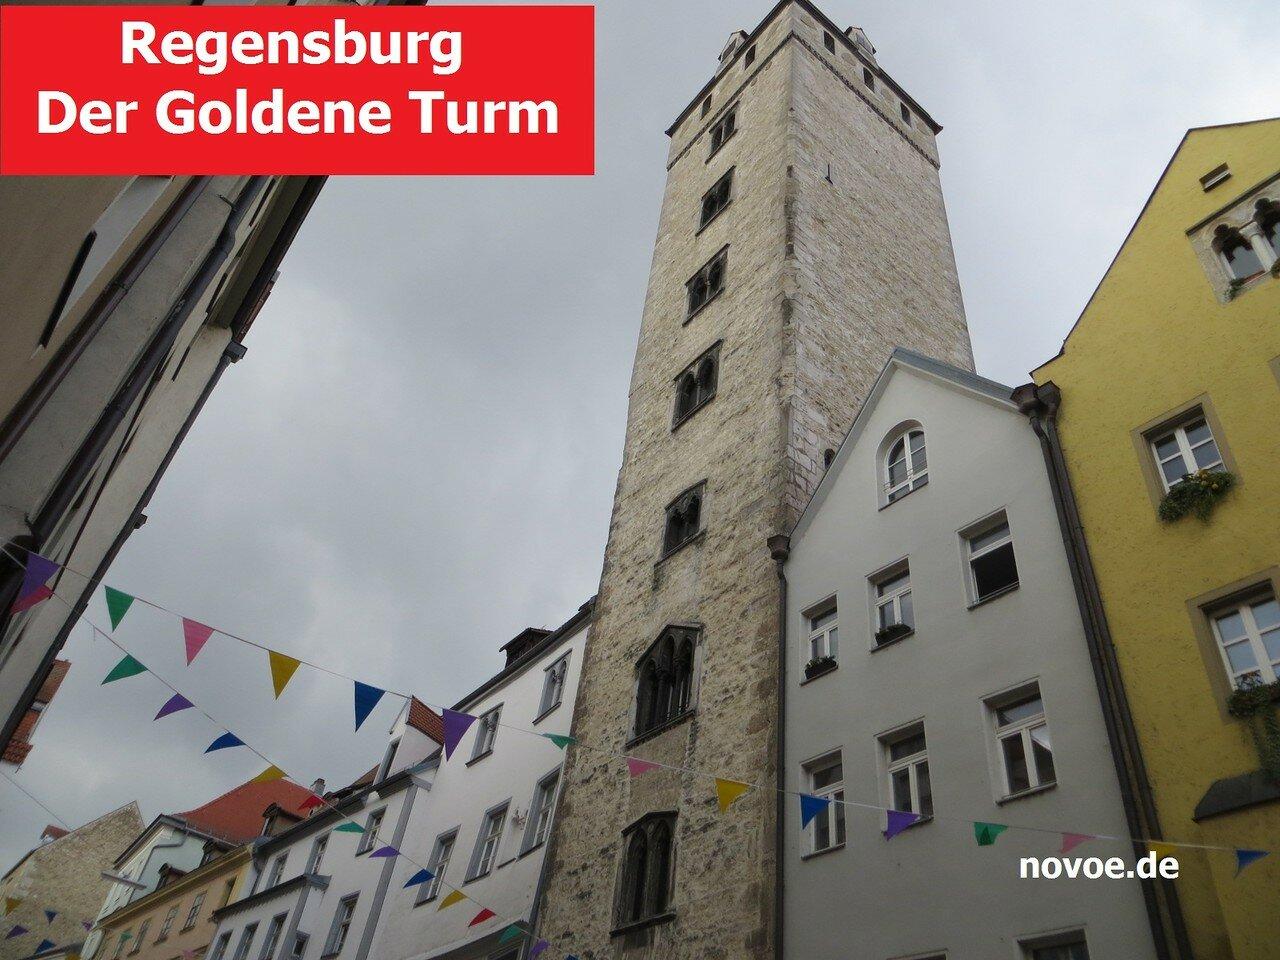 Регенсбург, Золотая башня, Der Goldene Turm. Путеводитель на немецком языке